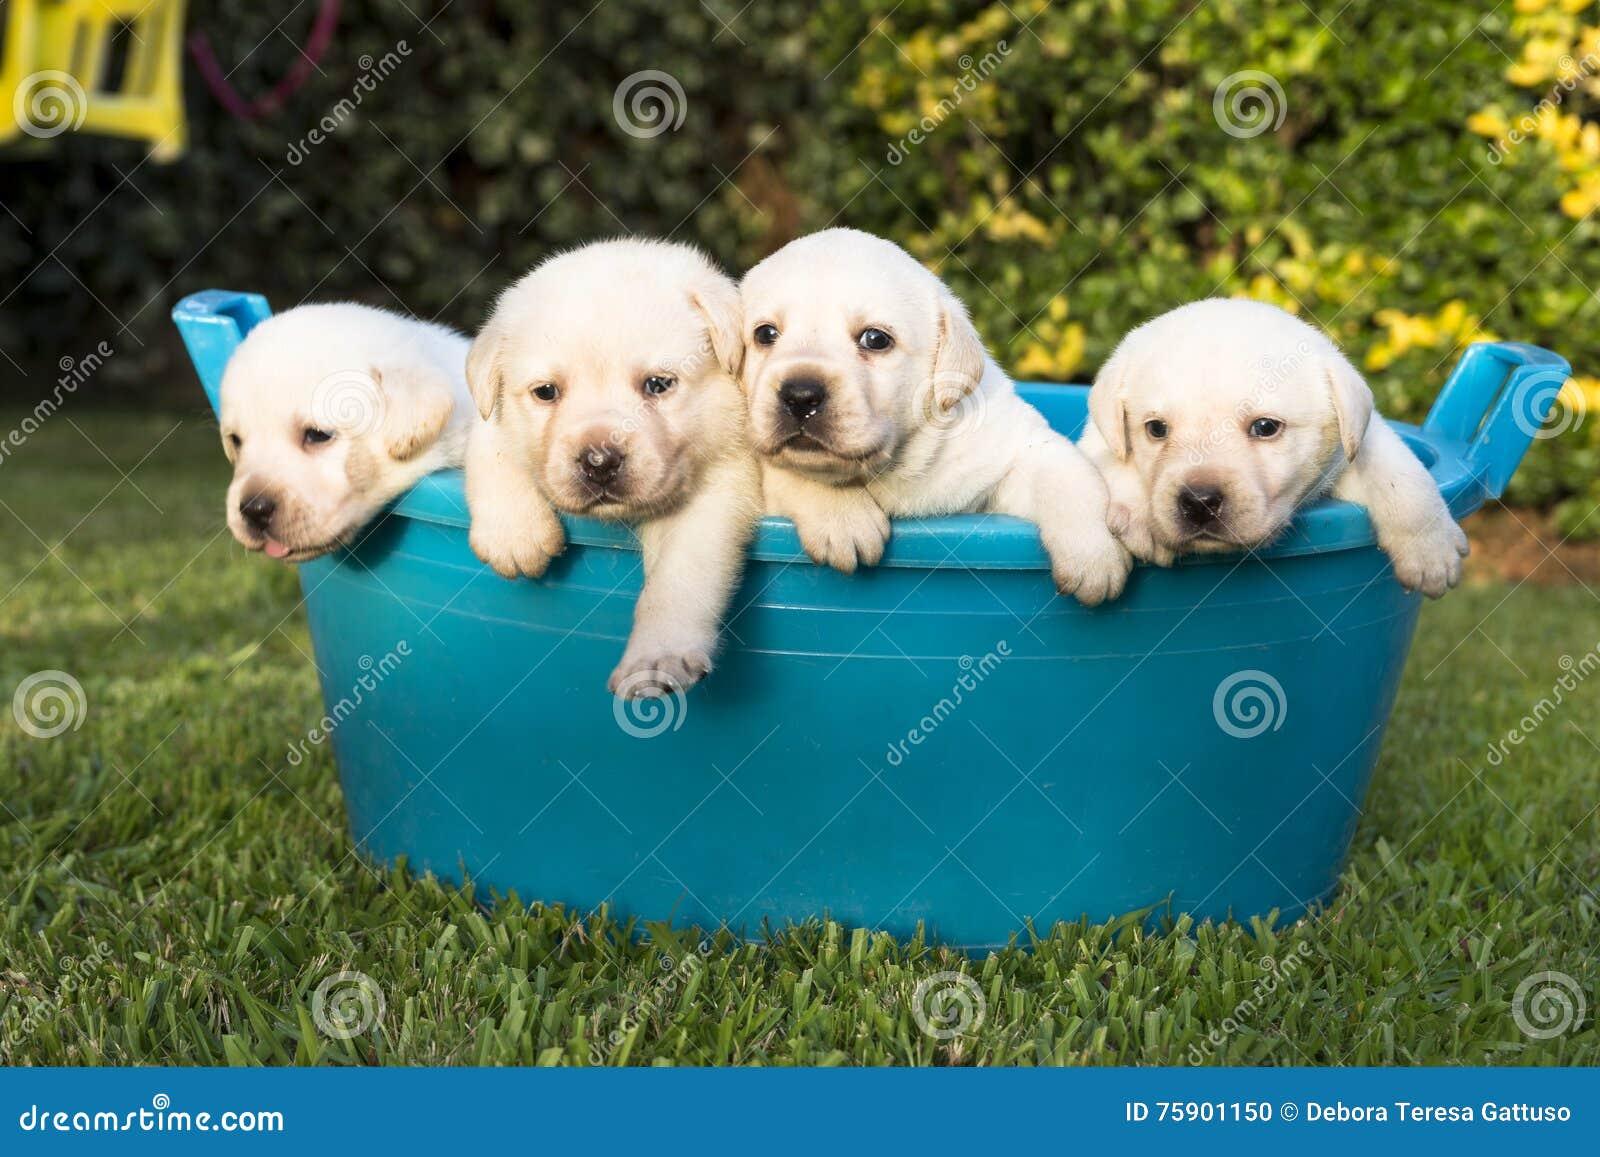 Puppies Having A Summer Bath Stock Photo Image Of Cuccioli